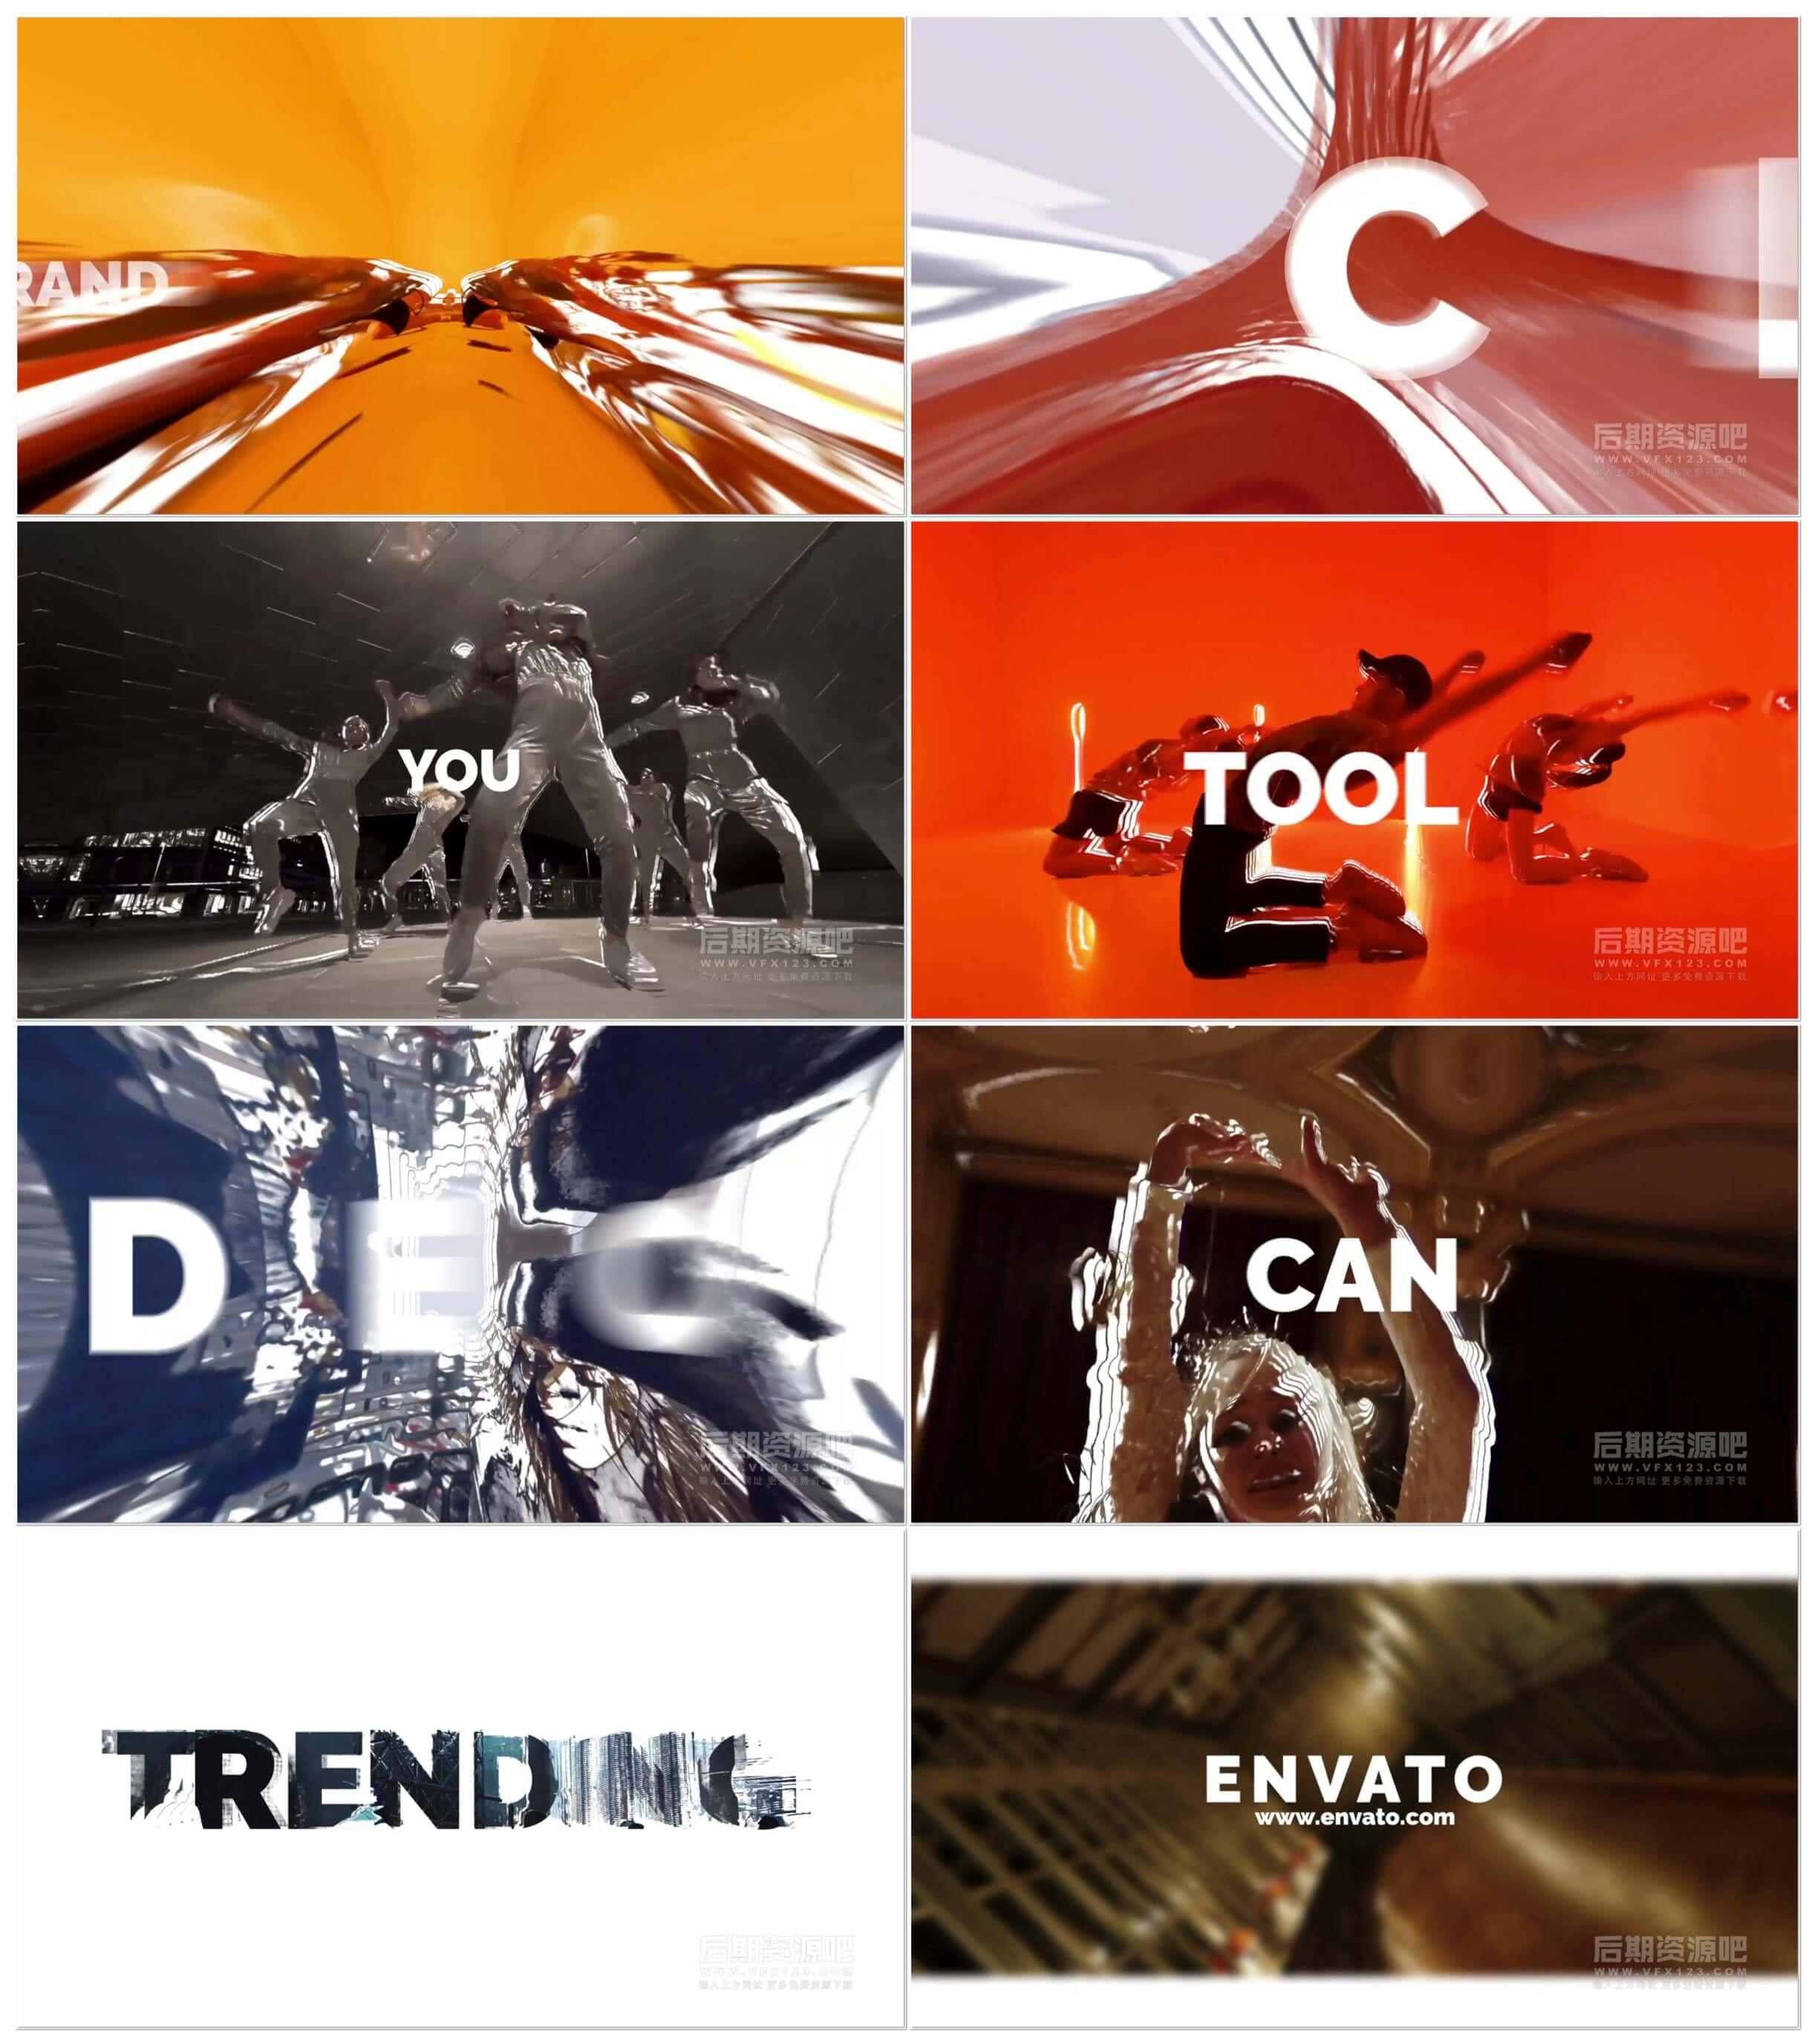 fcpx插件 激情动感时尚快节奏图文展示片头模板 Energy Slideshow